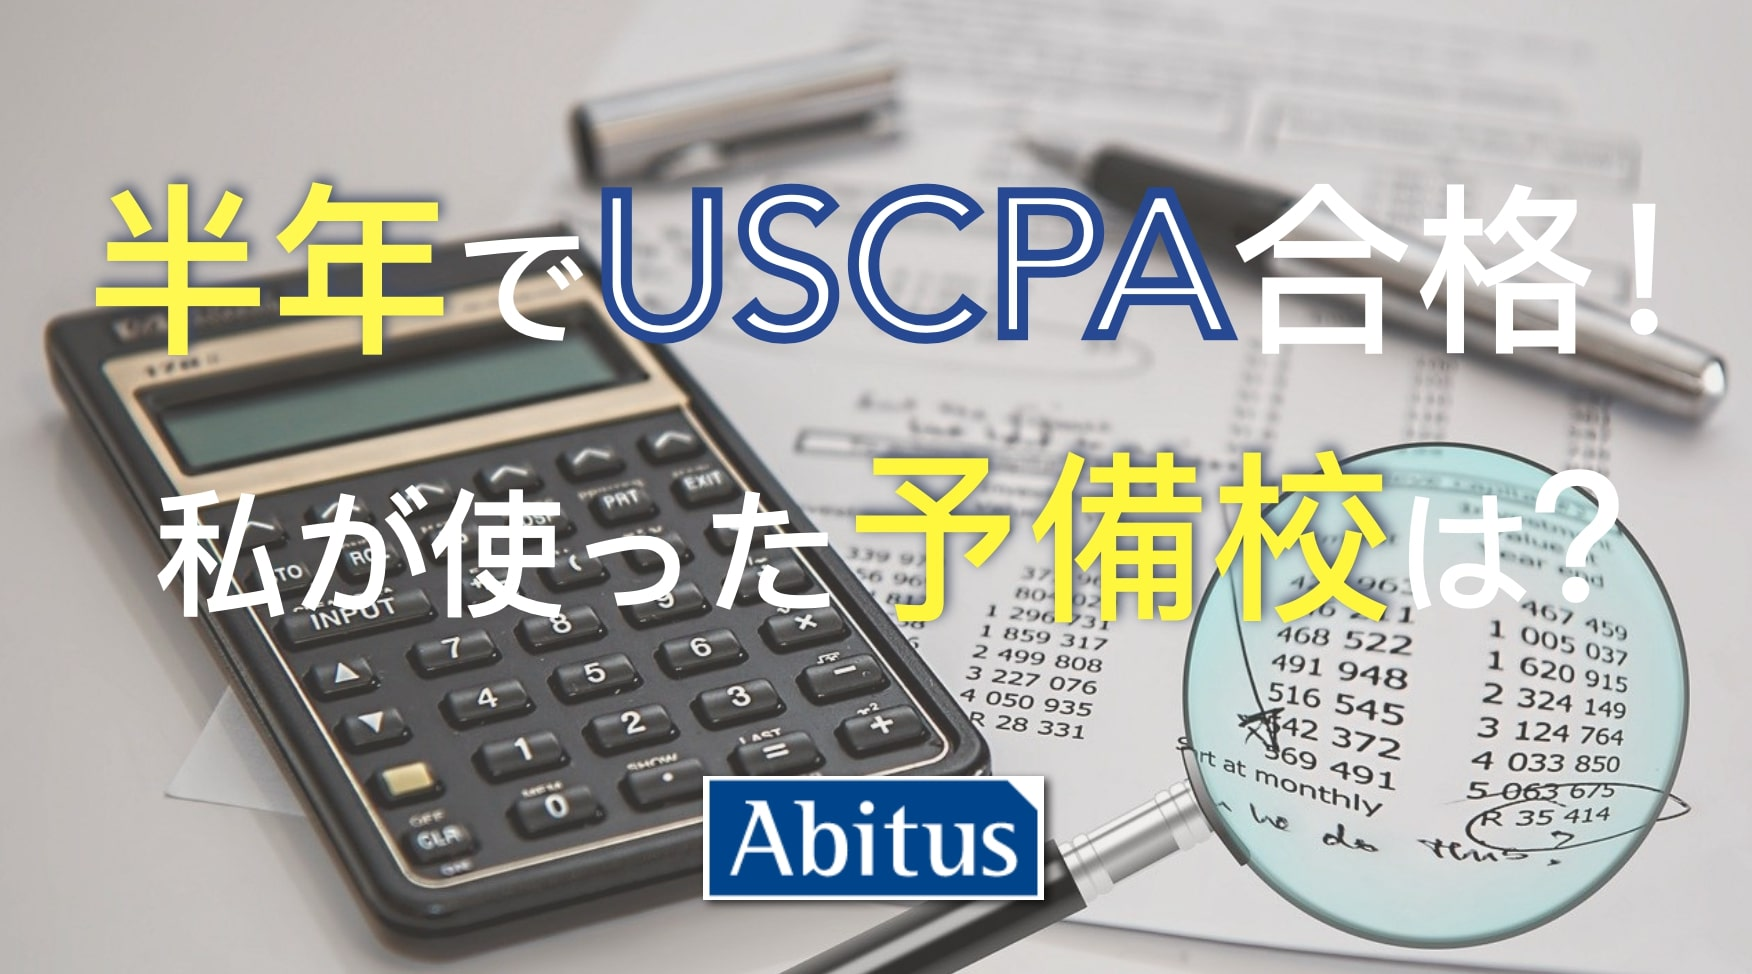 USCPA Abitus